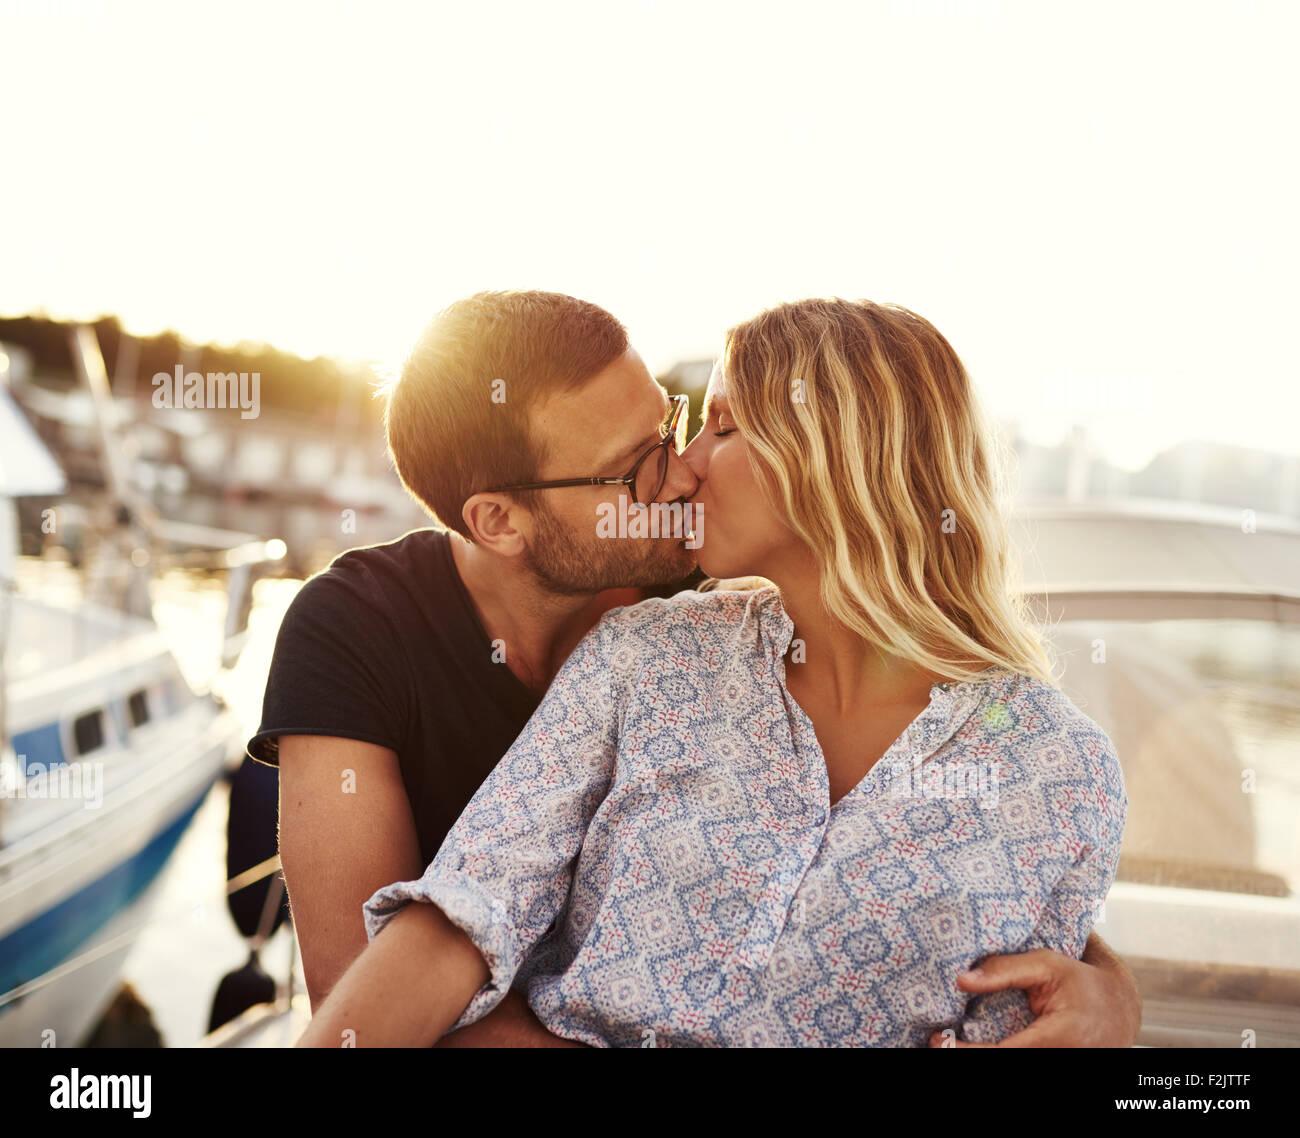 L uomo e la donna baciare su una barca, impostazione di Sun Immagini Stock